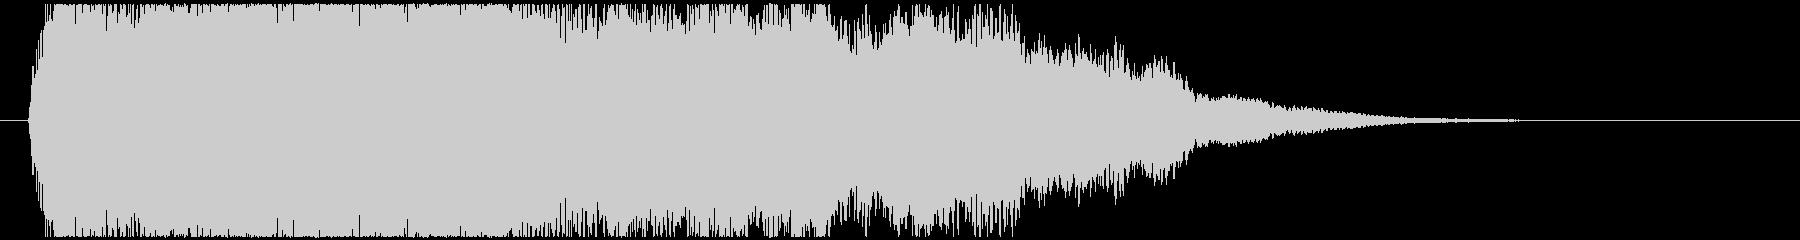 神秘的で透明感のあるインパクト音9の未再生の波形